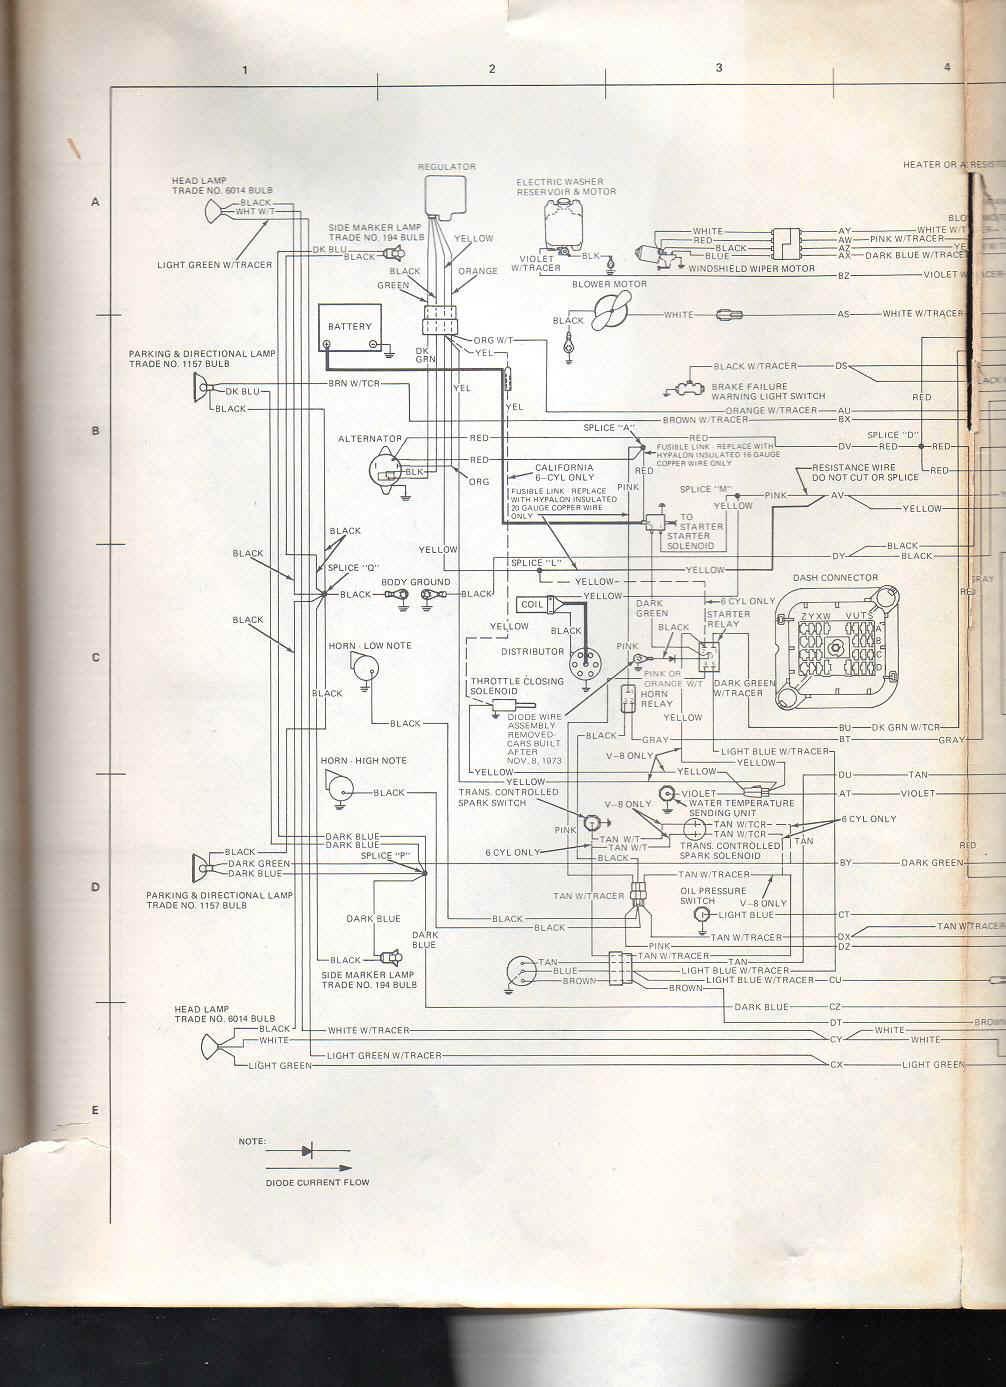 wiring diagram for 1971 amc hornet wiring diagram all data 1977 AMC Hornet Yellow wiring diagram for 1971 amc hornet data wiring diagram schematic 1971 hornet sst amc hornet wiring